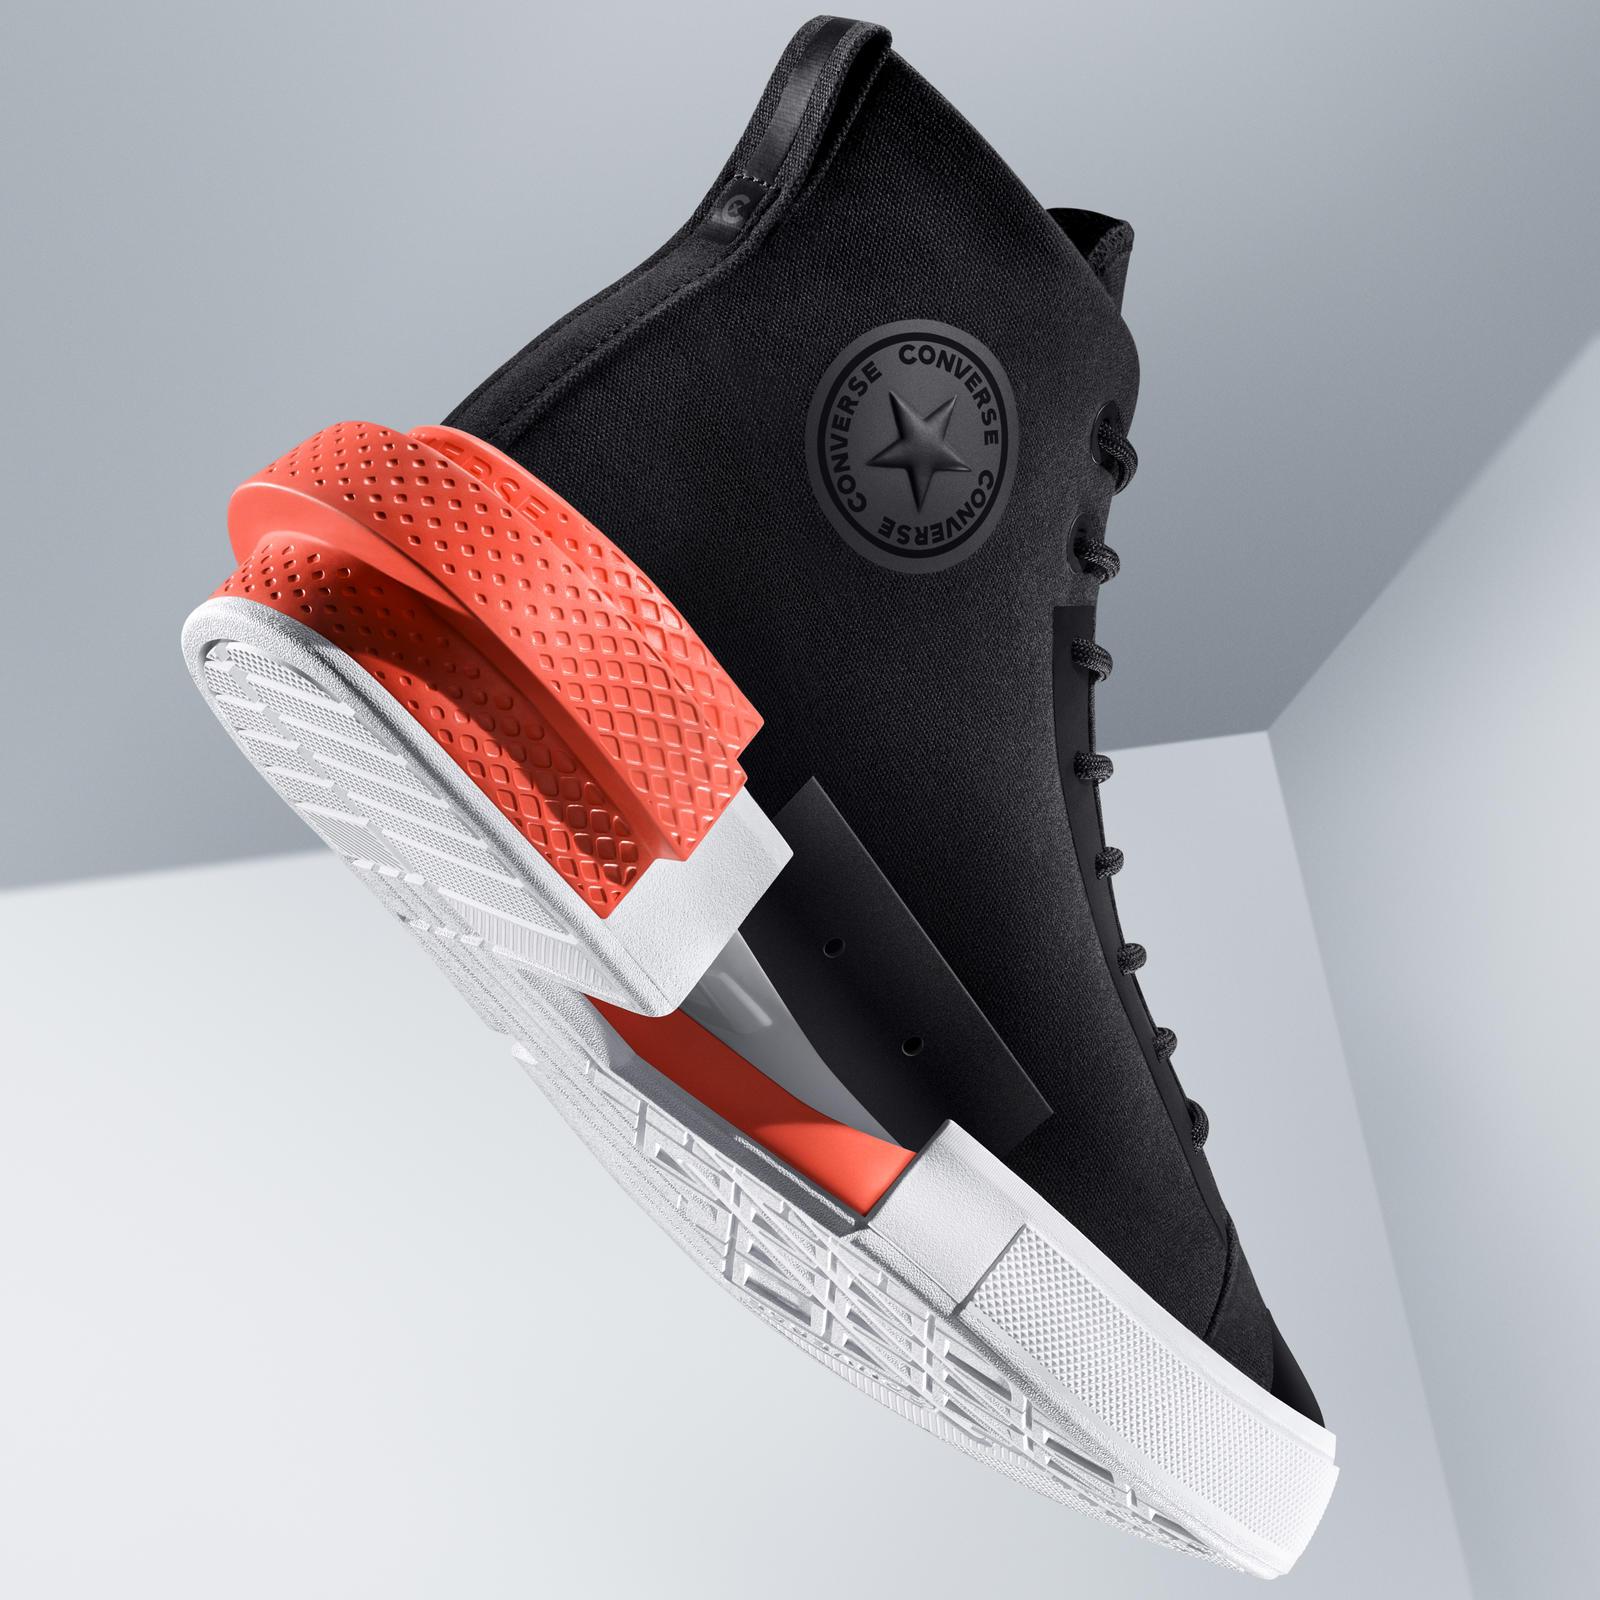 Skalk persona que practica jogging Vislumbrar  Converse CX - Nike News